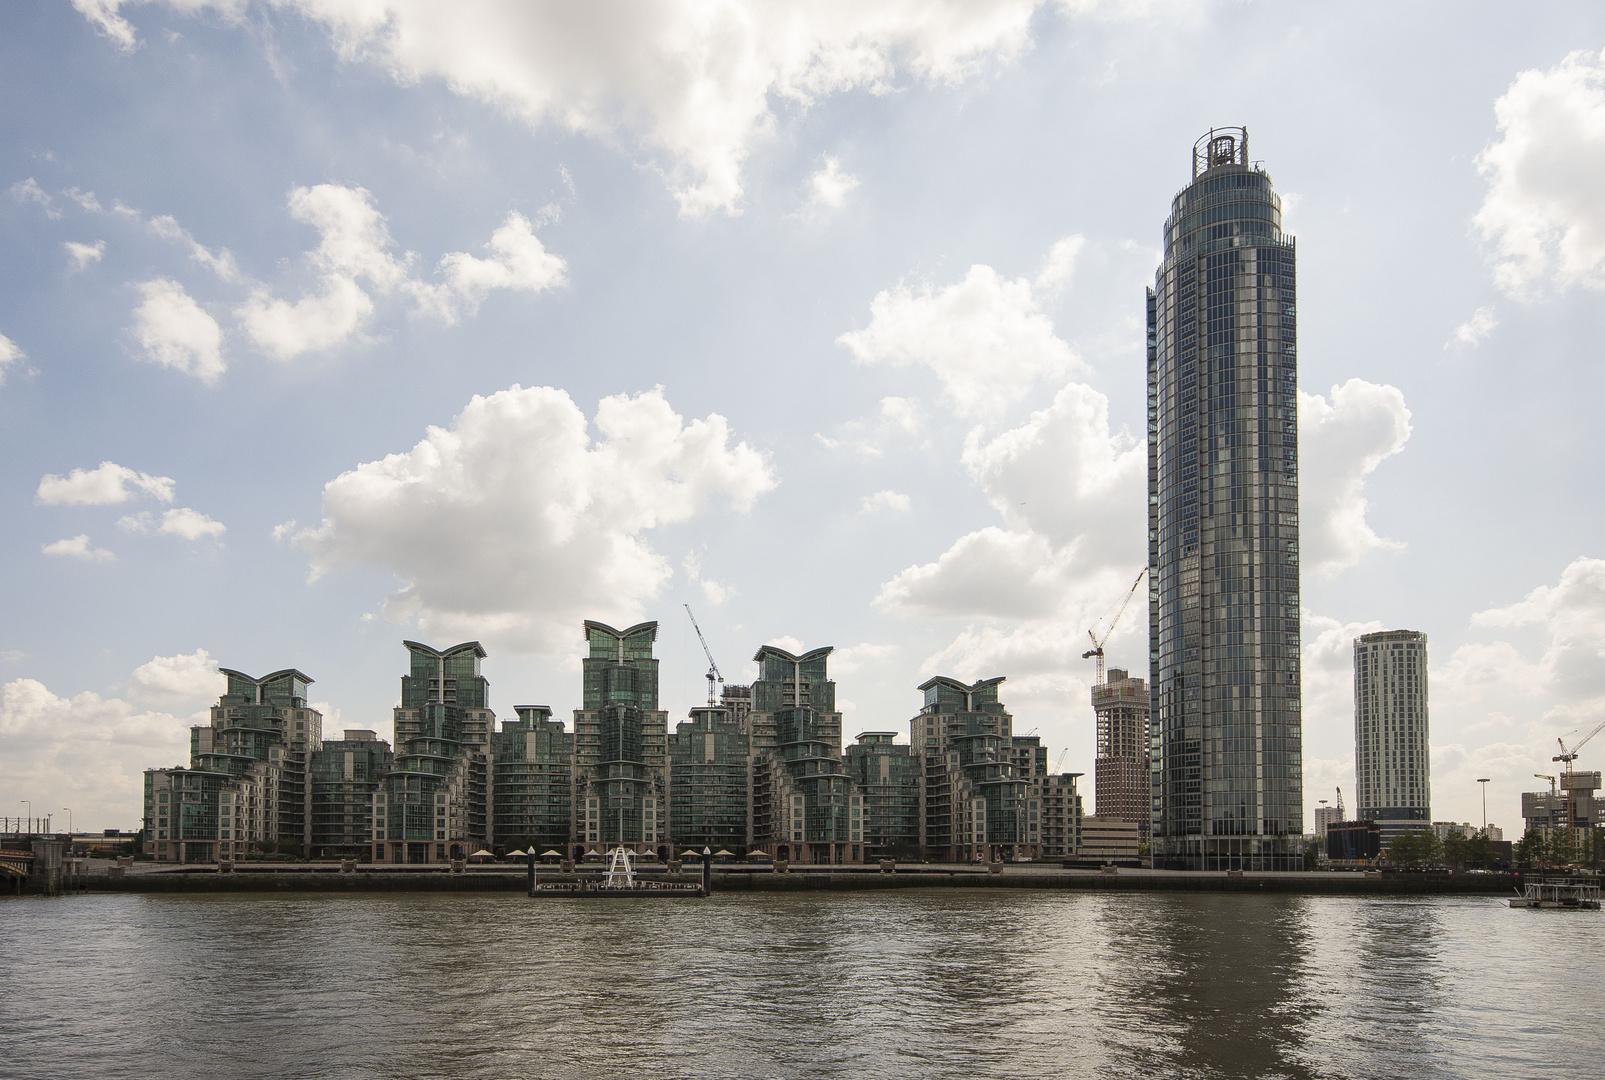 Vauxhall -  Saint George Wharf